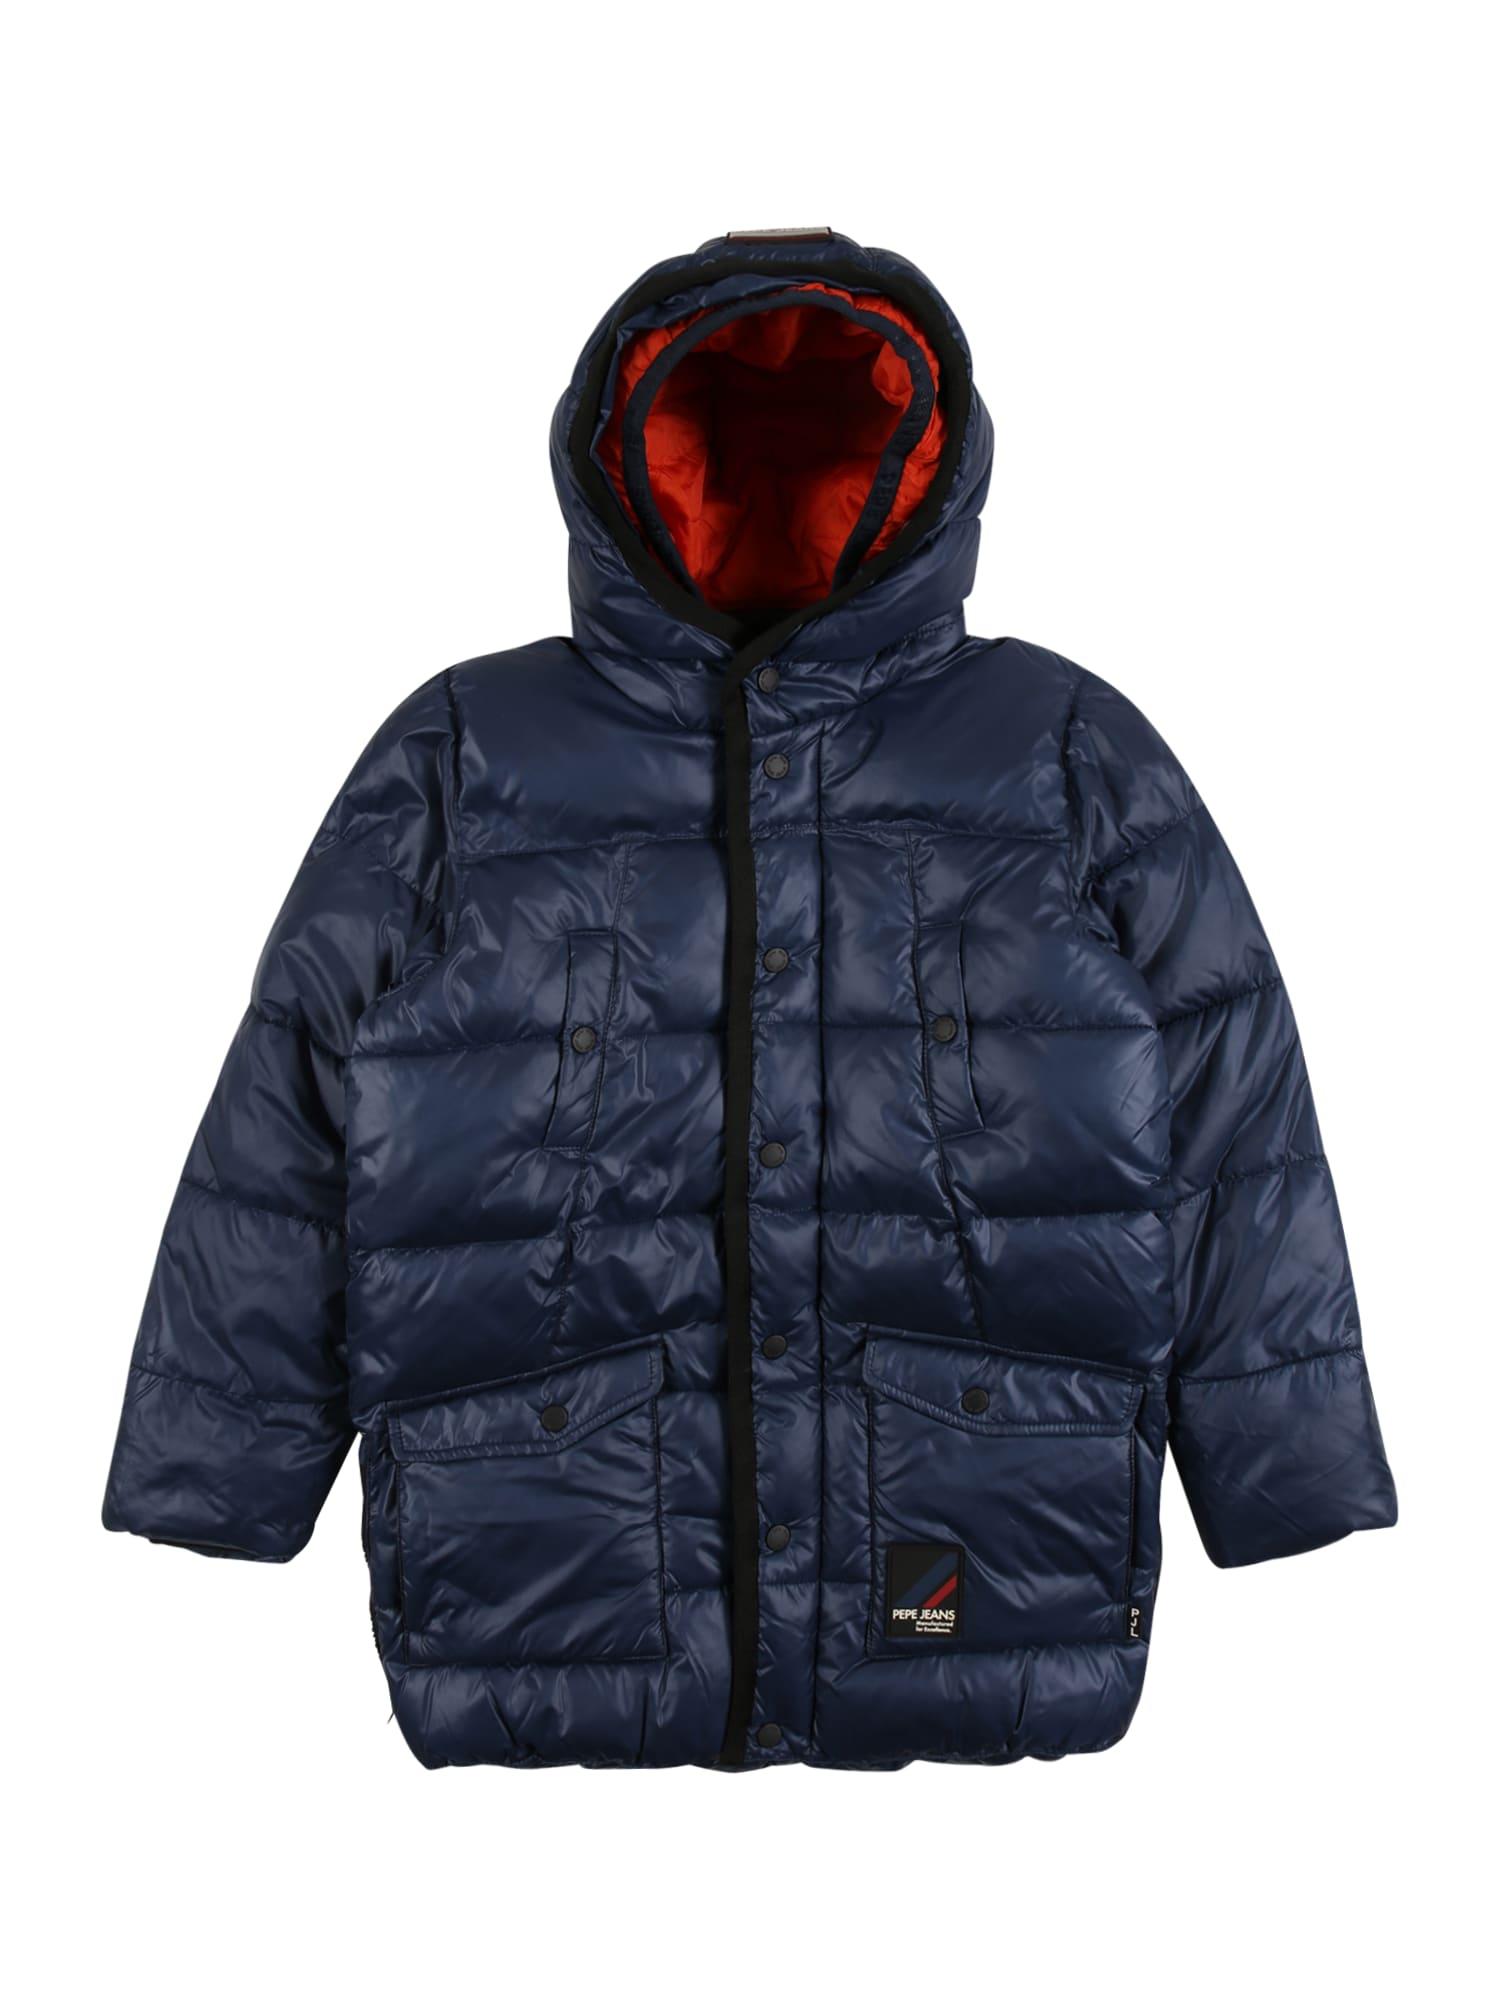 Pepe Jeans Zimní bunda 'Gage'  námořnická modř / světle červená / černá